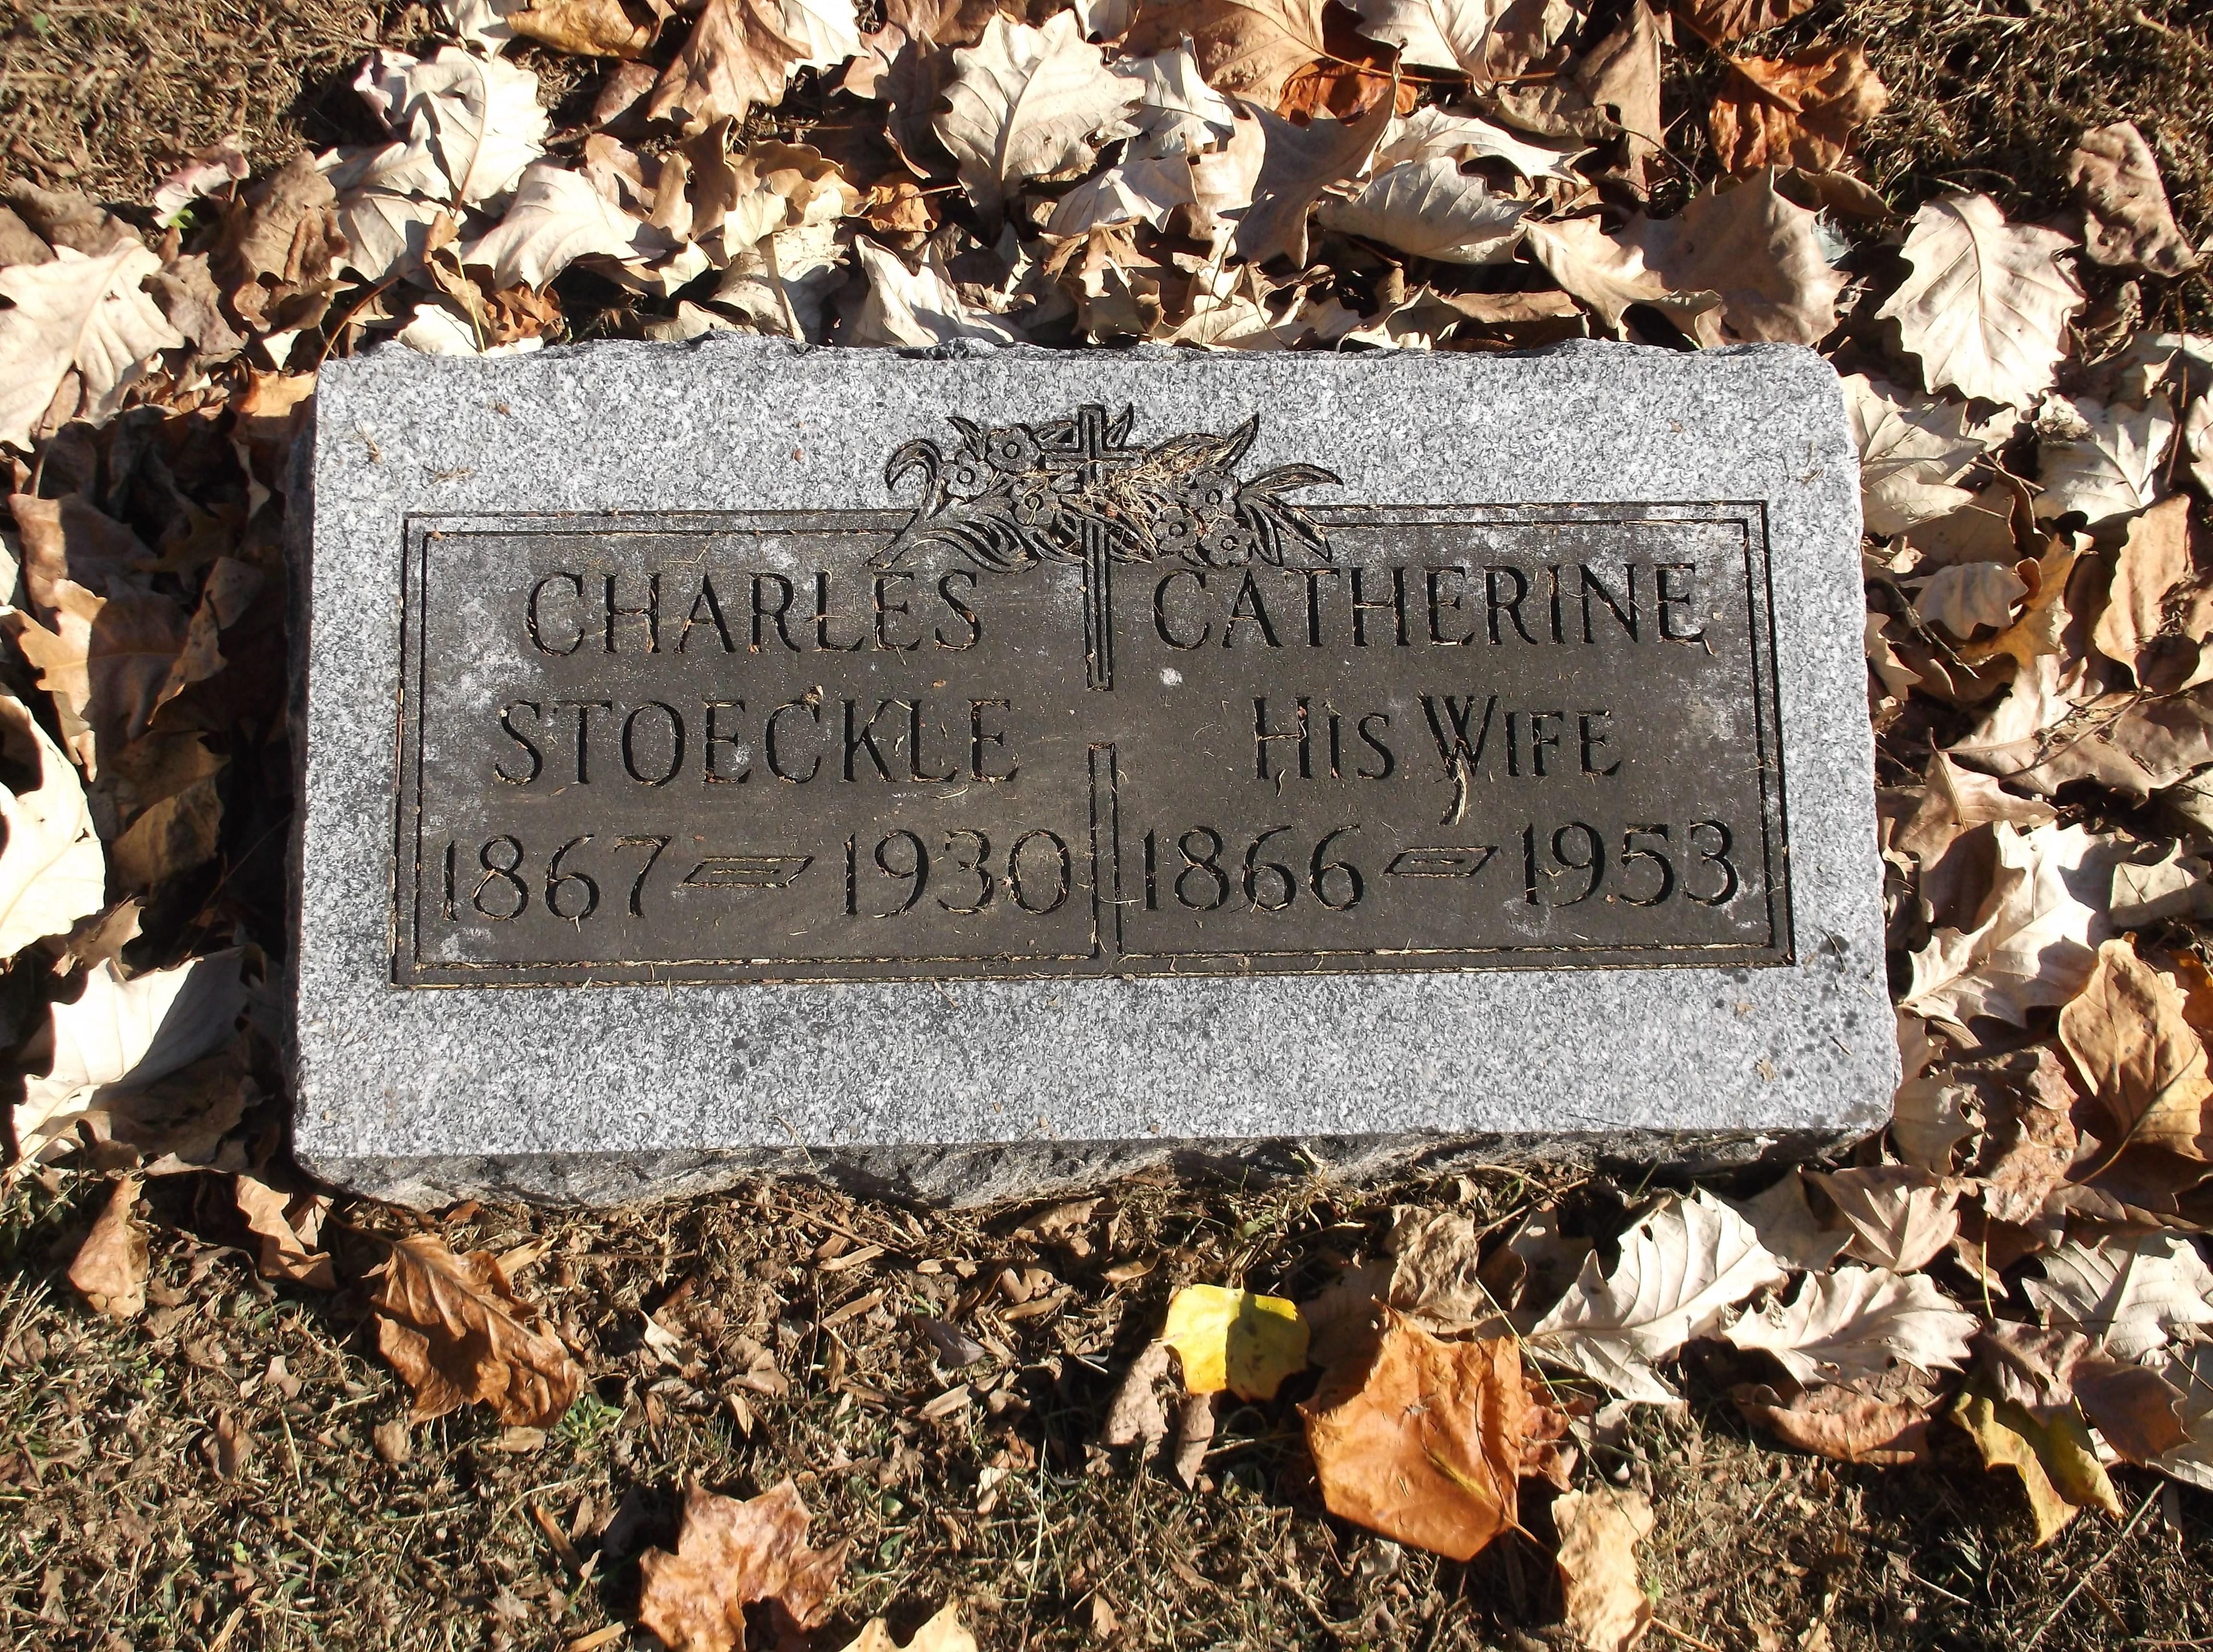 Charles Stoeckle